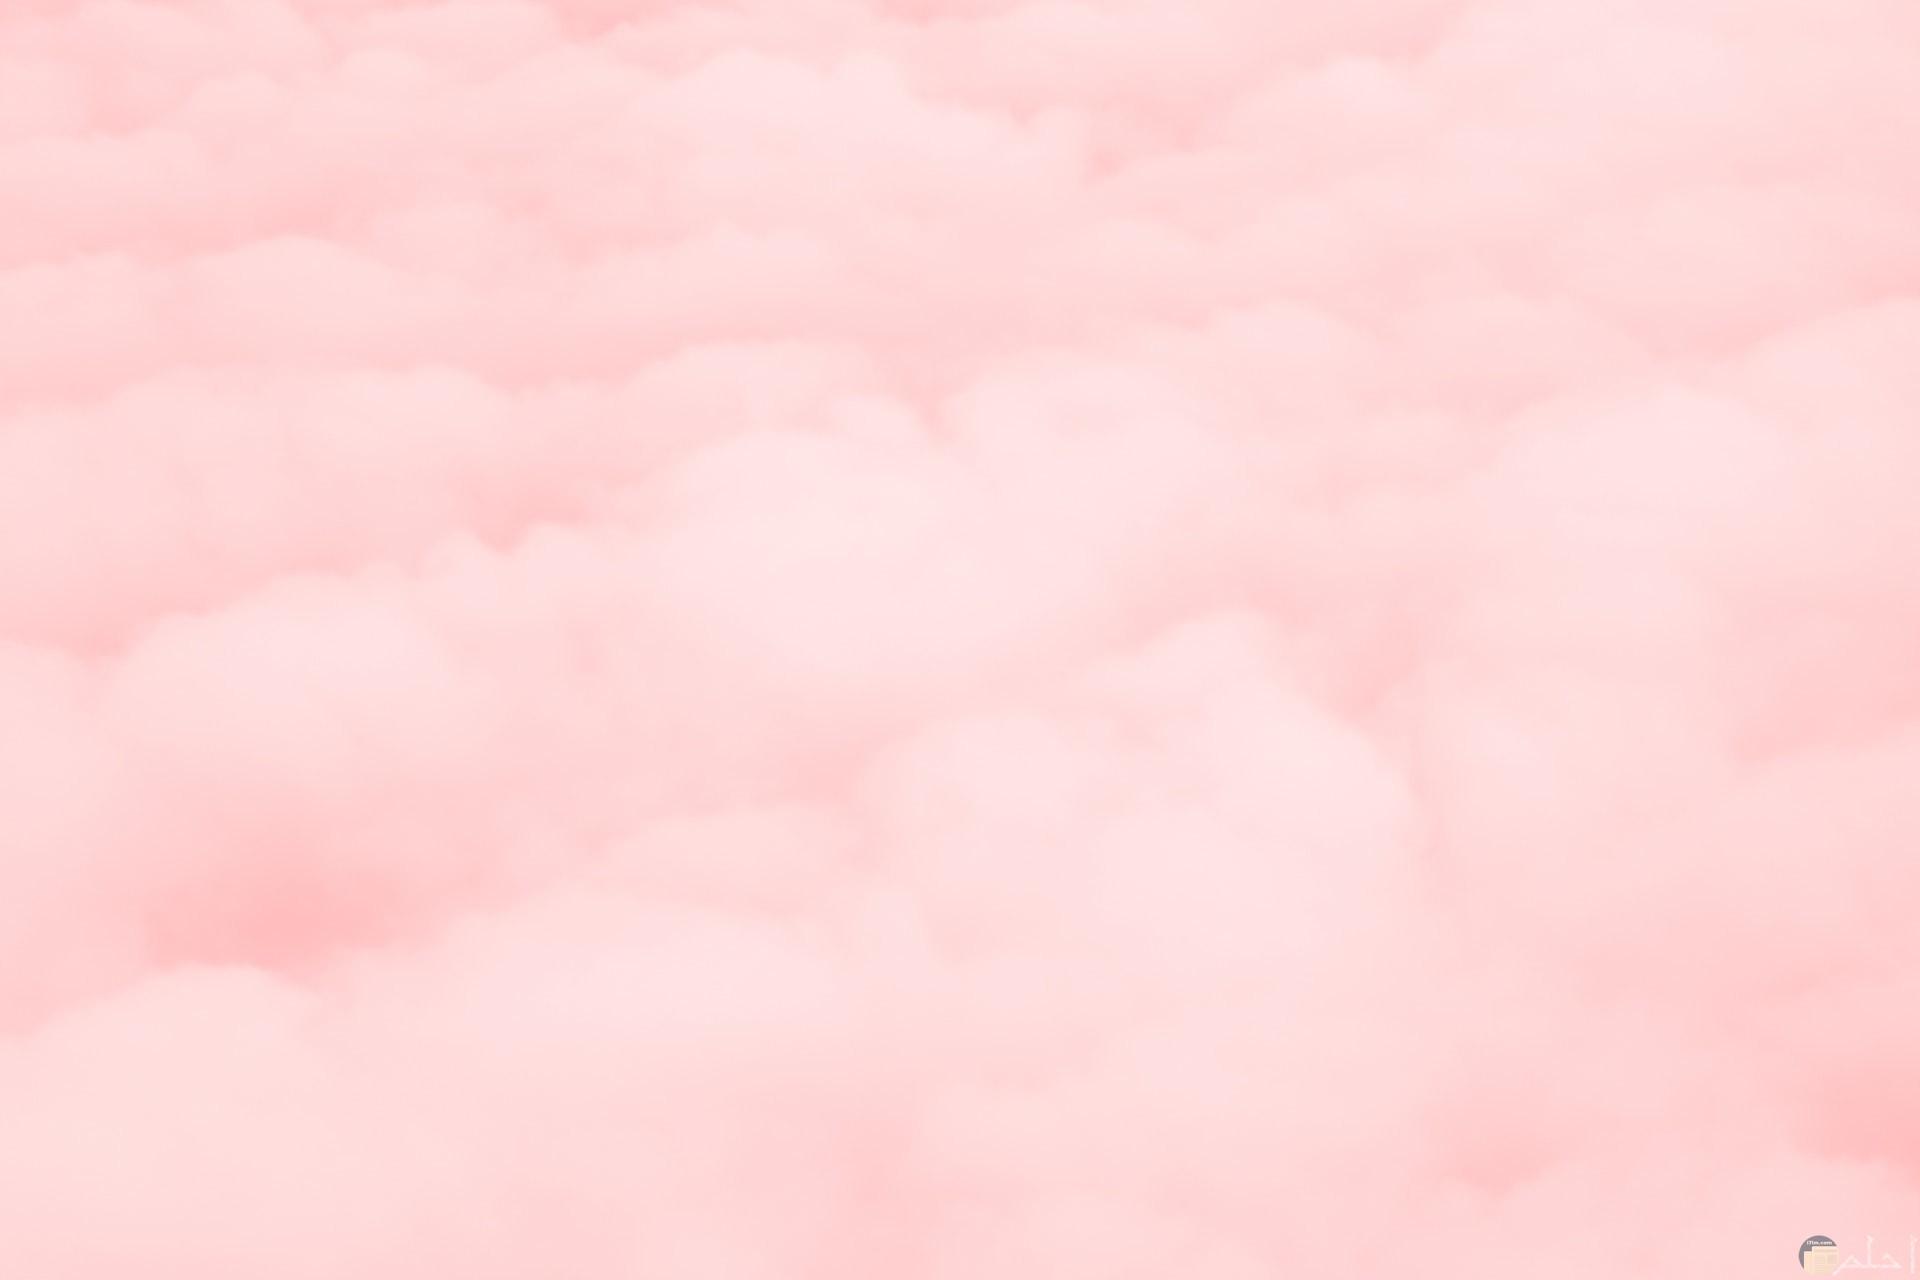 صورة سادة فاتحة بها سحابة باللون الوردي